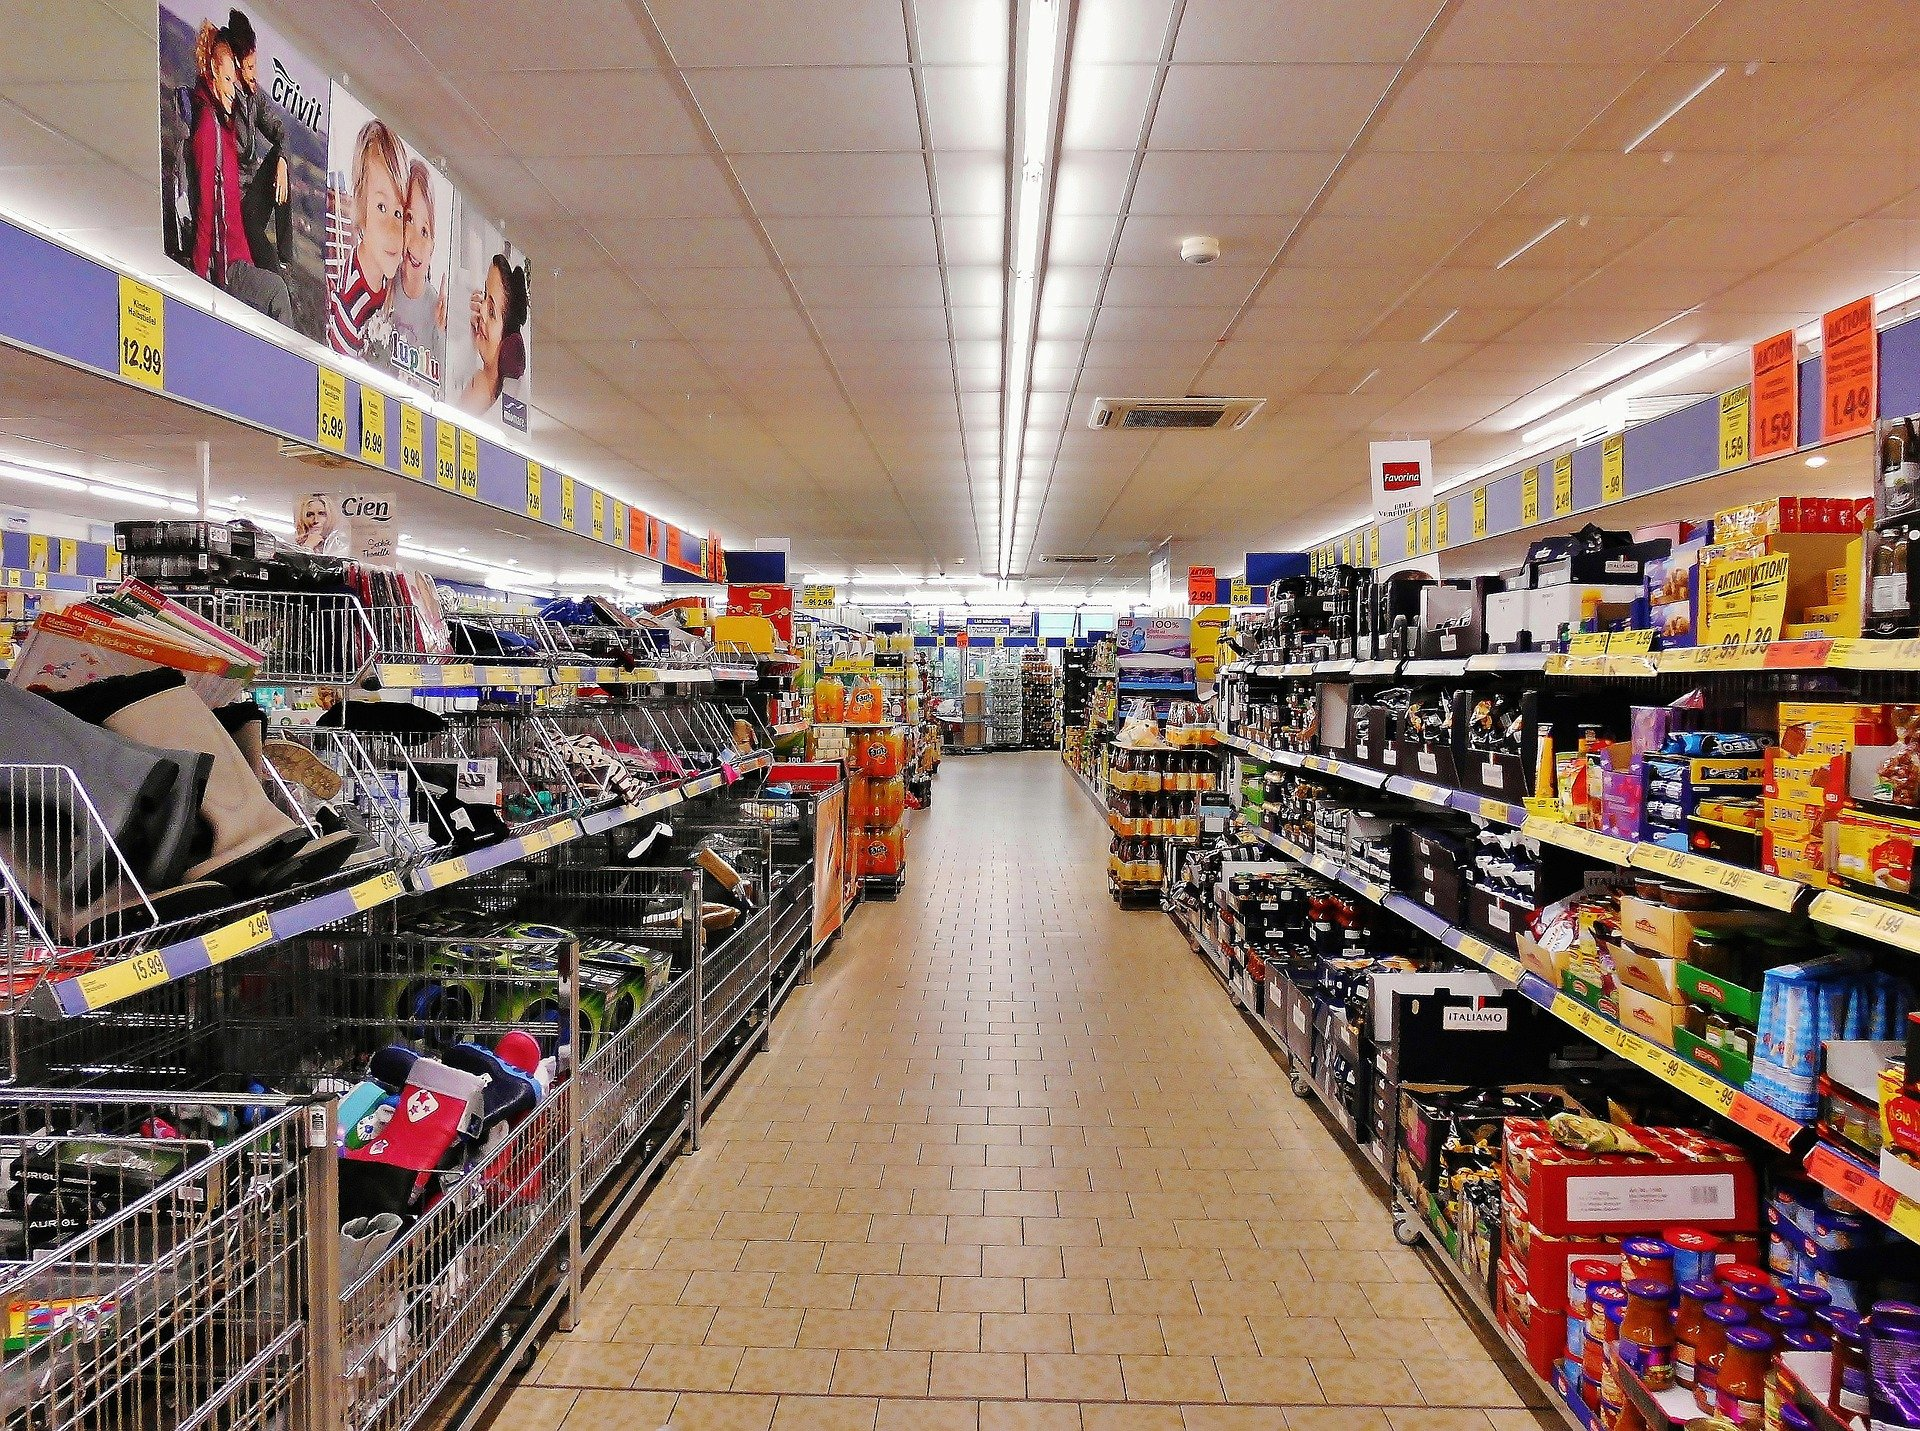 Supermarkten profiteren van coronacrisis; levensmiddelenindustrie niet